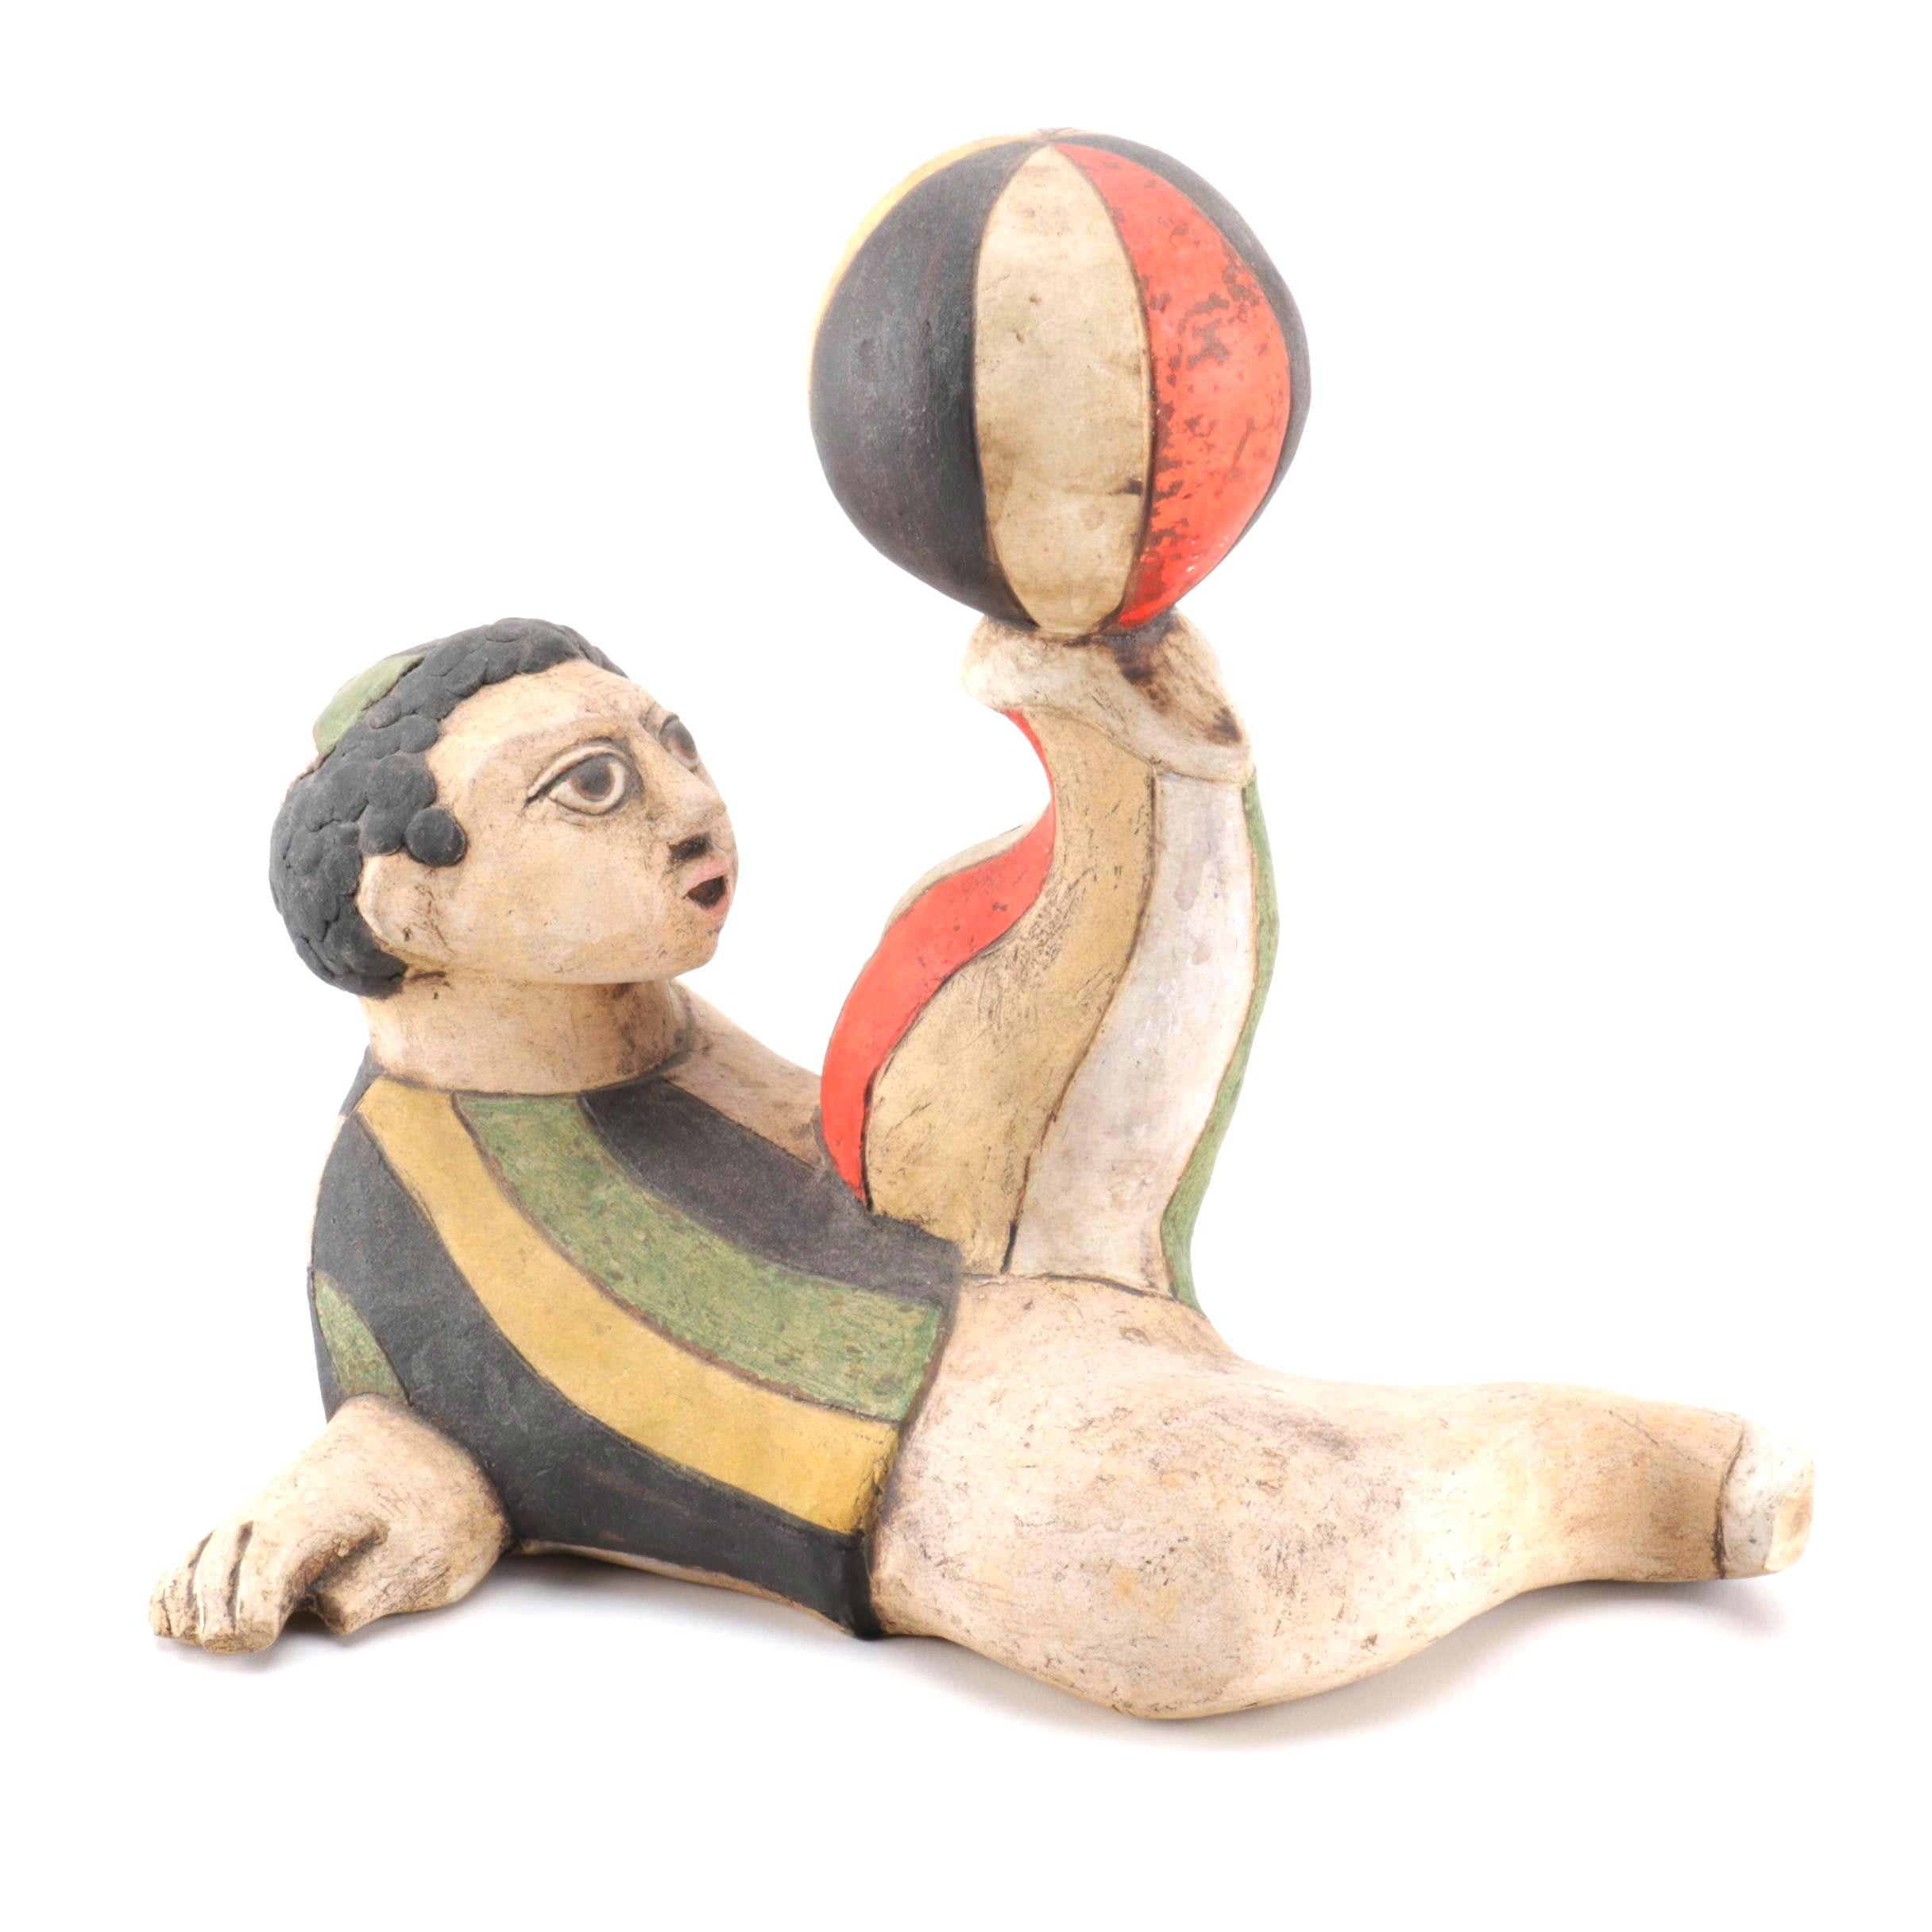 Dane Burr Ceramic Sculpture of a Boy